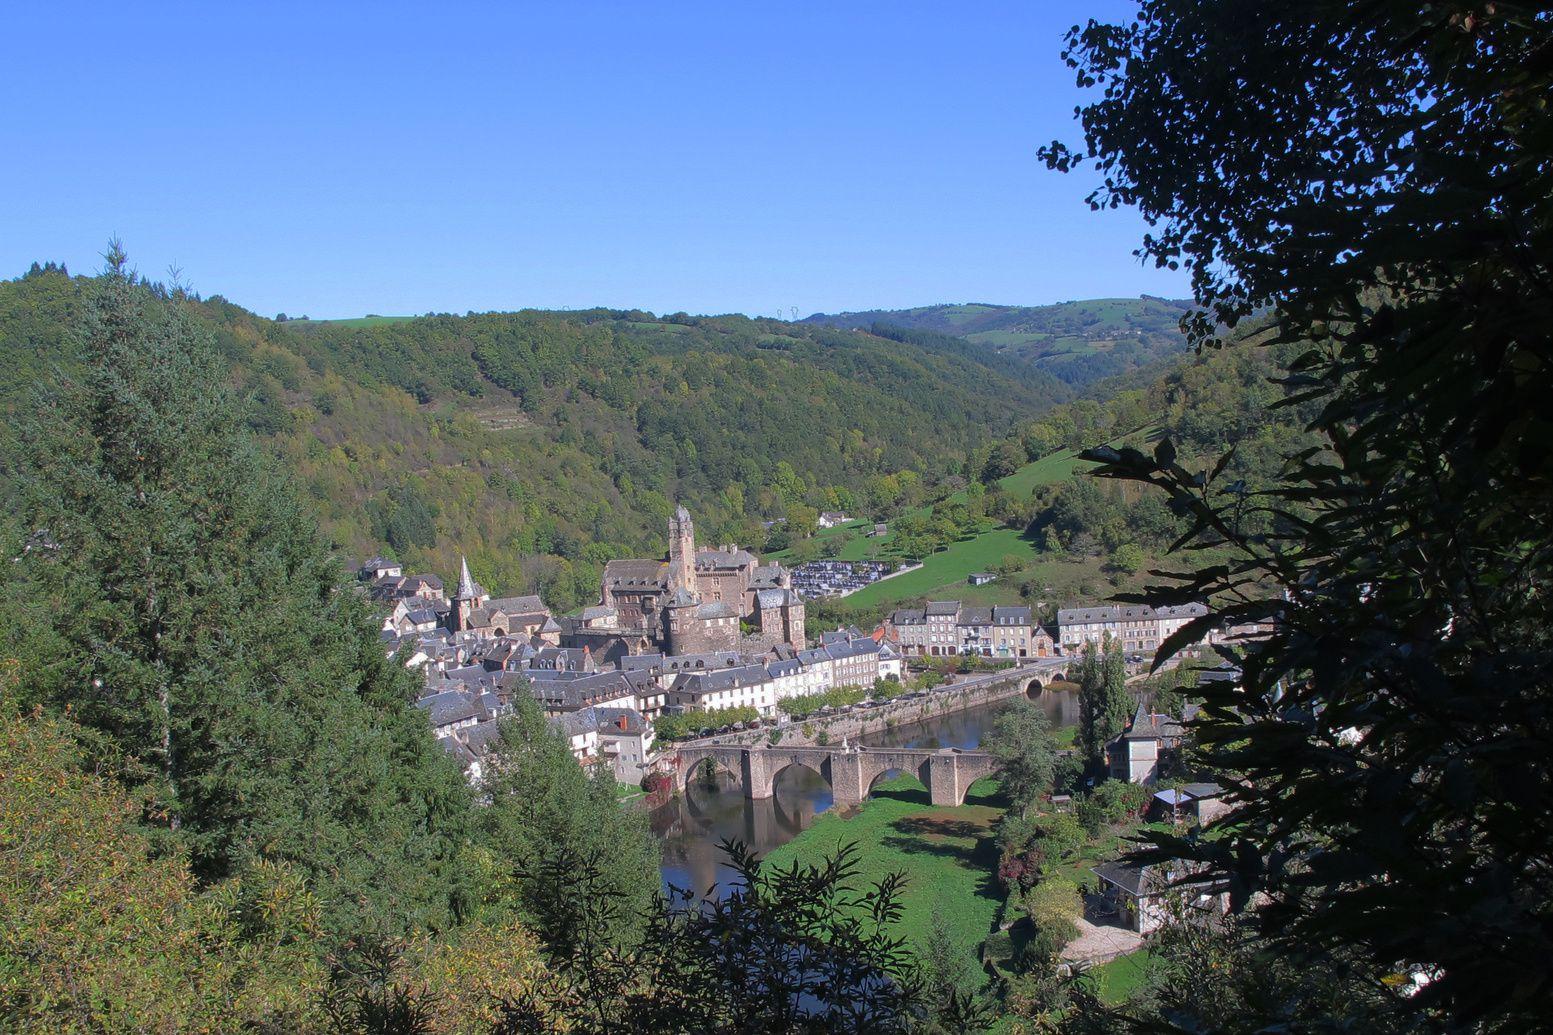 les chapelles et les vignobles d'Estaing